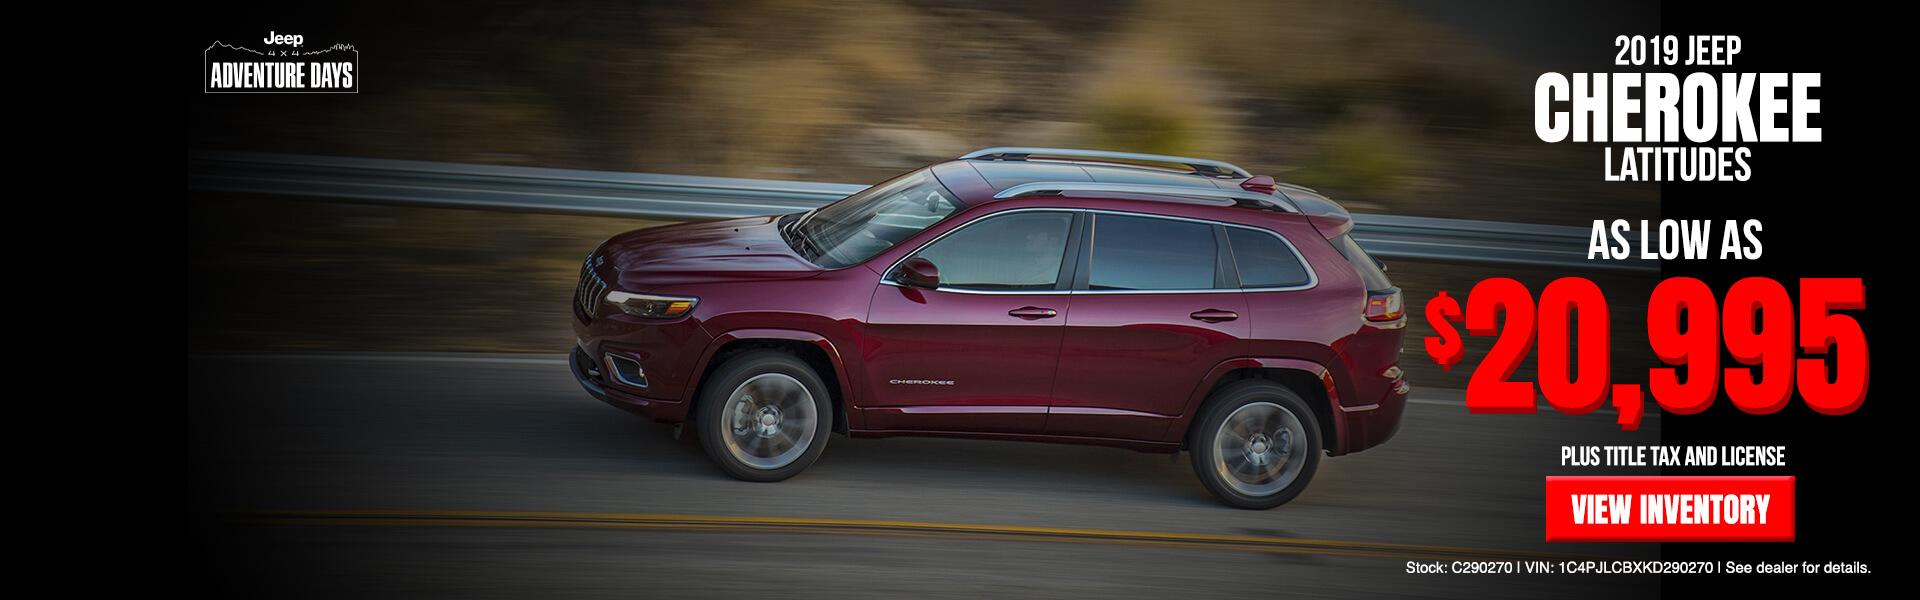 2019 Jeep Cherokee Latitudes